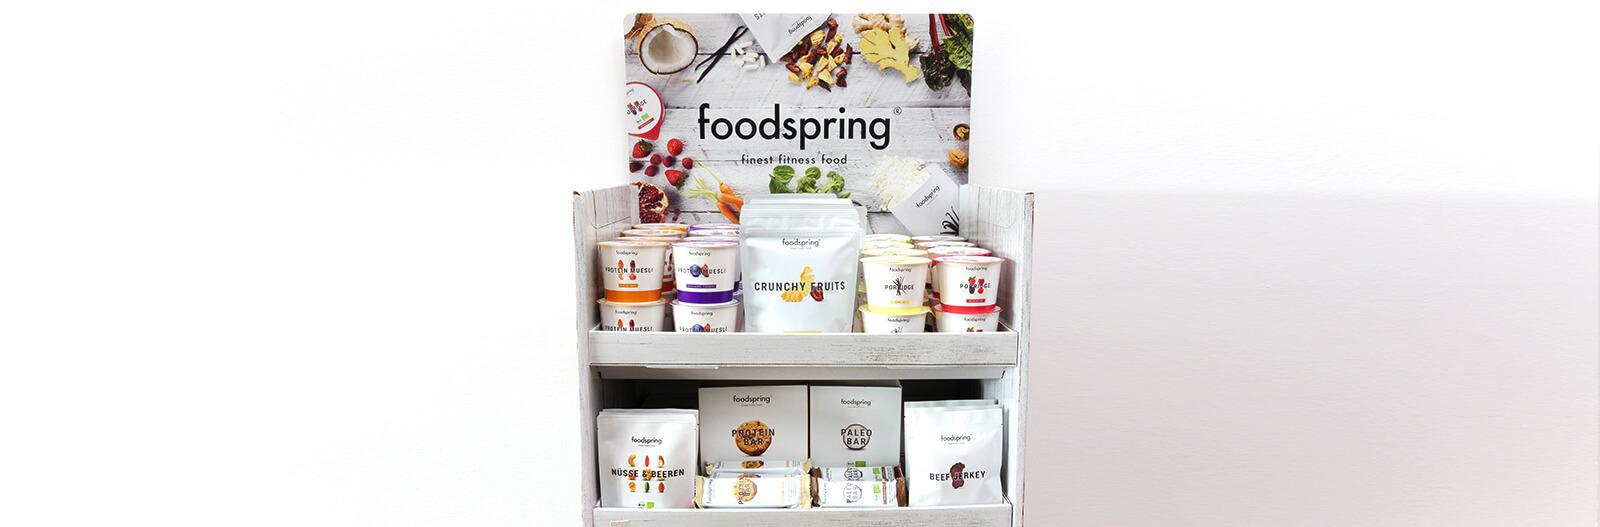 foodspring retail